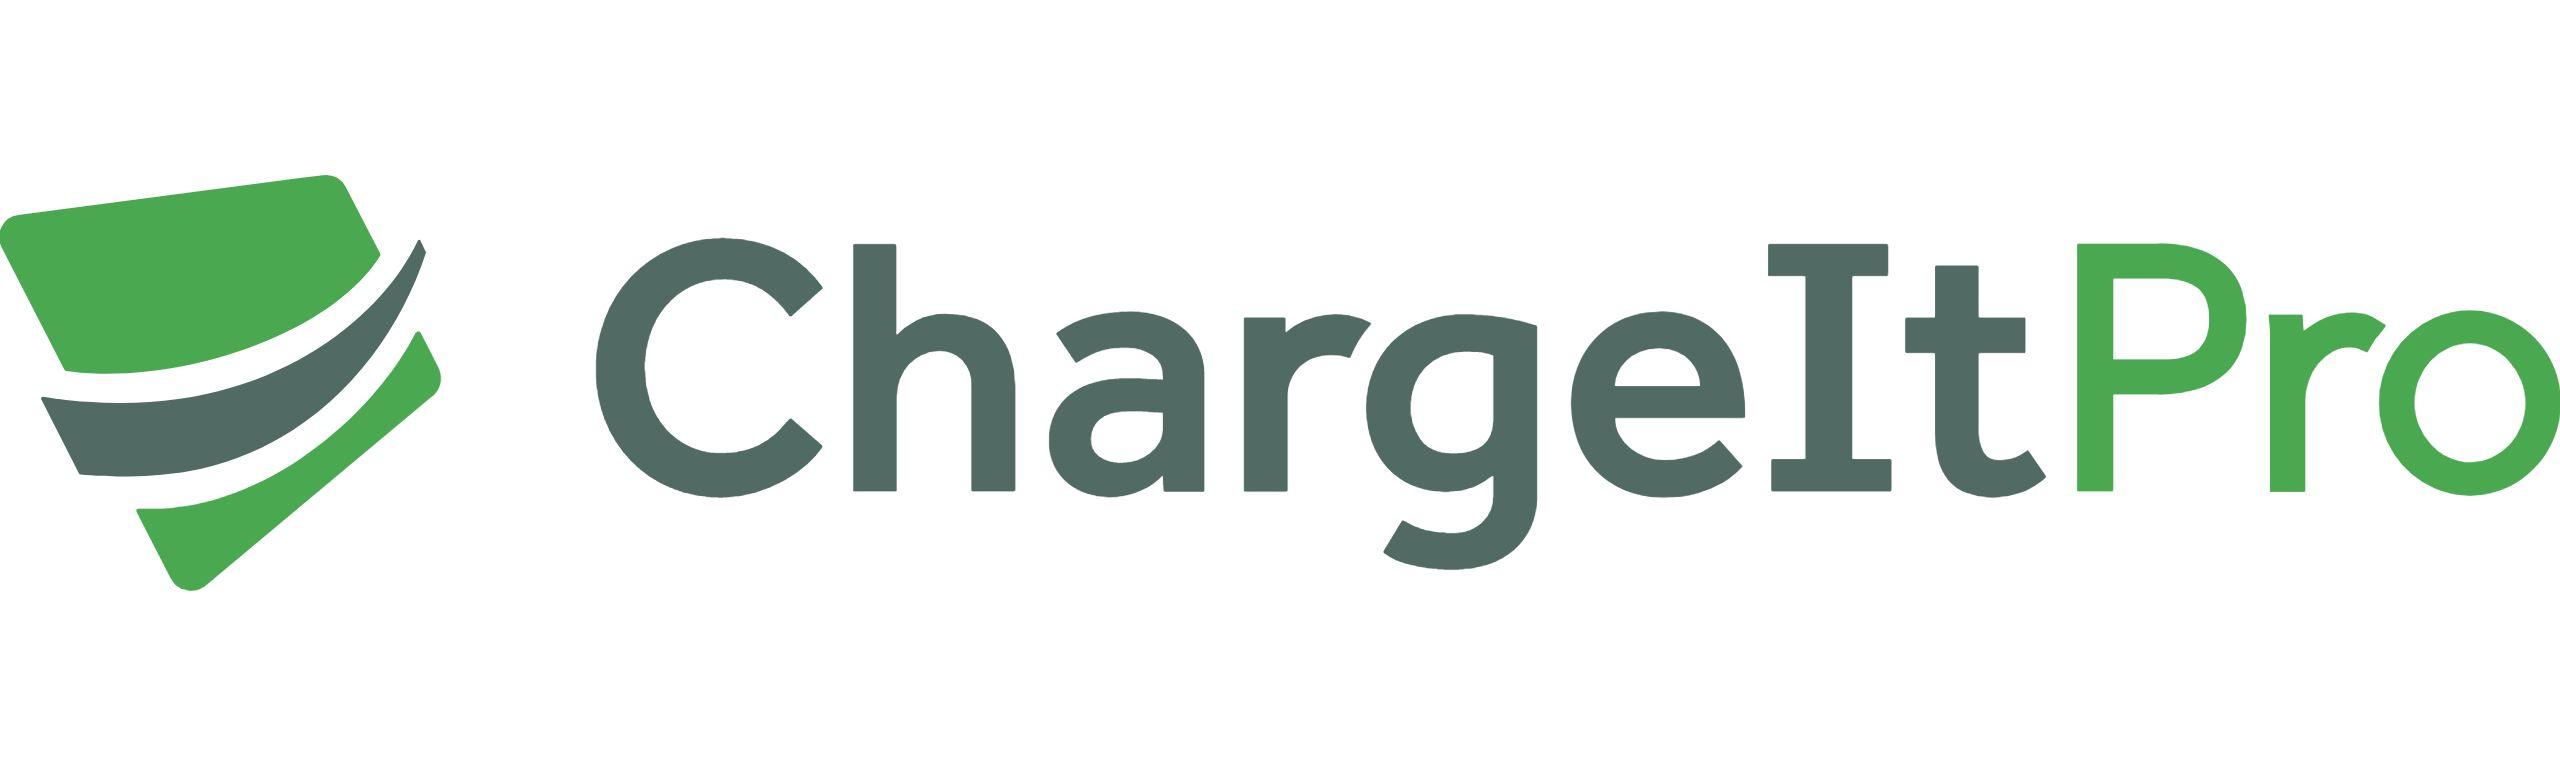 ChargeItPro